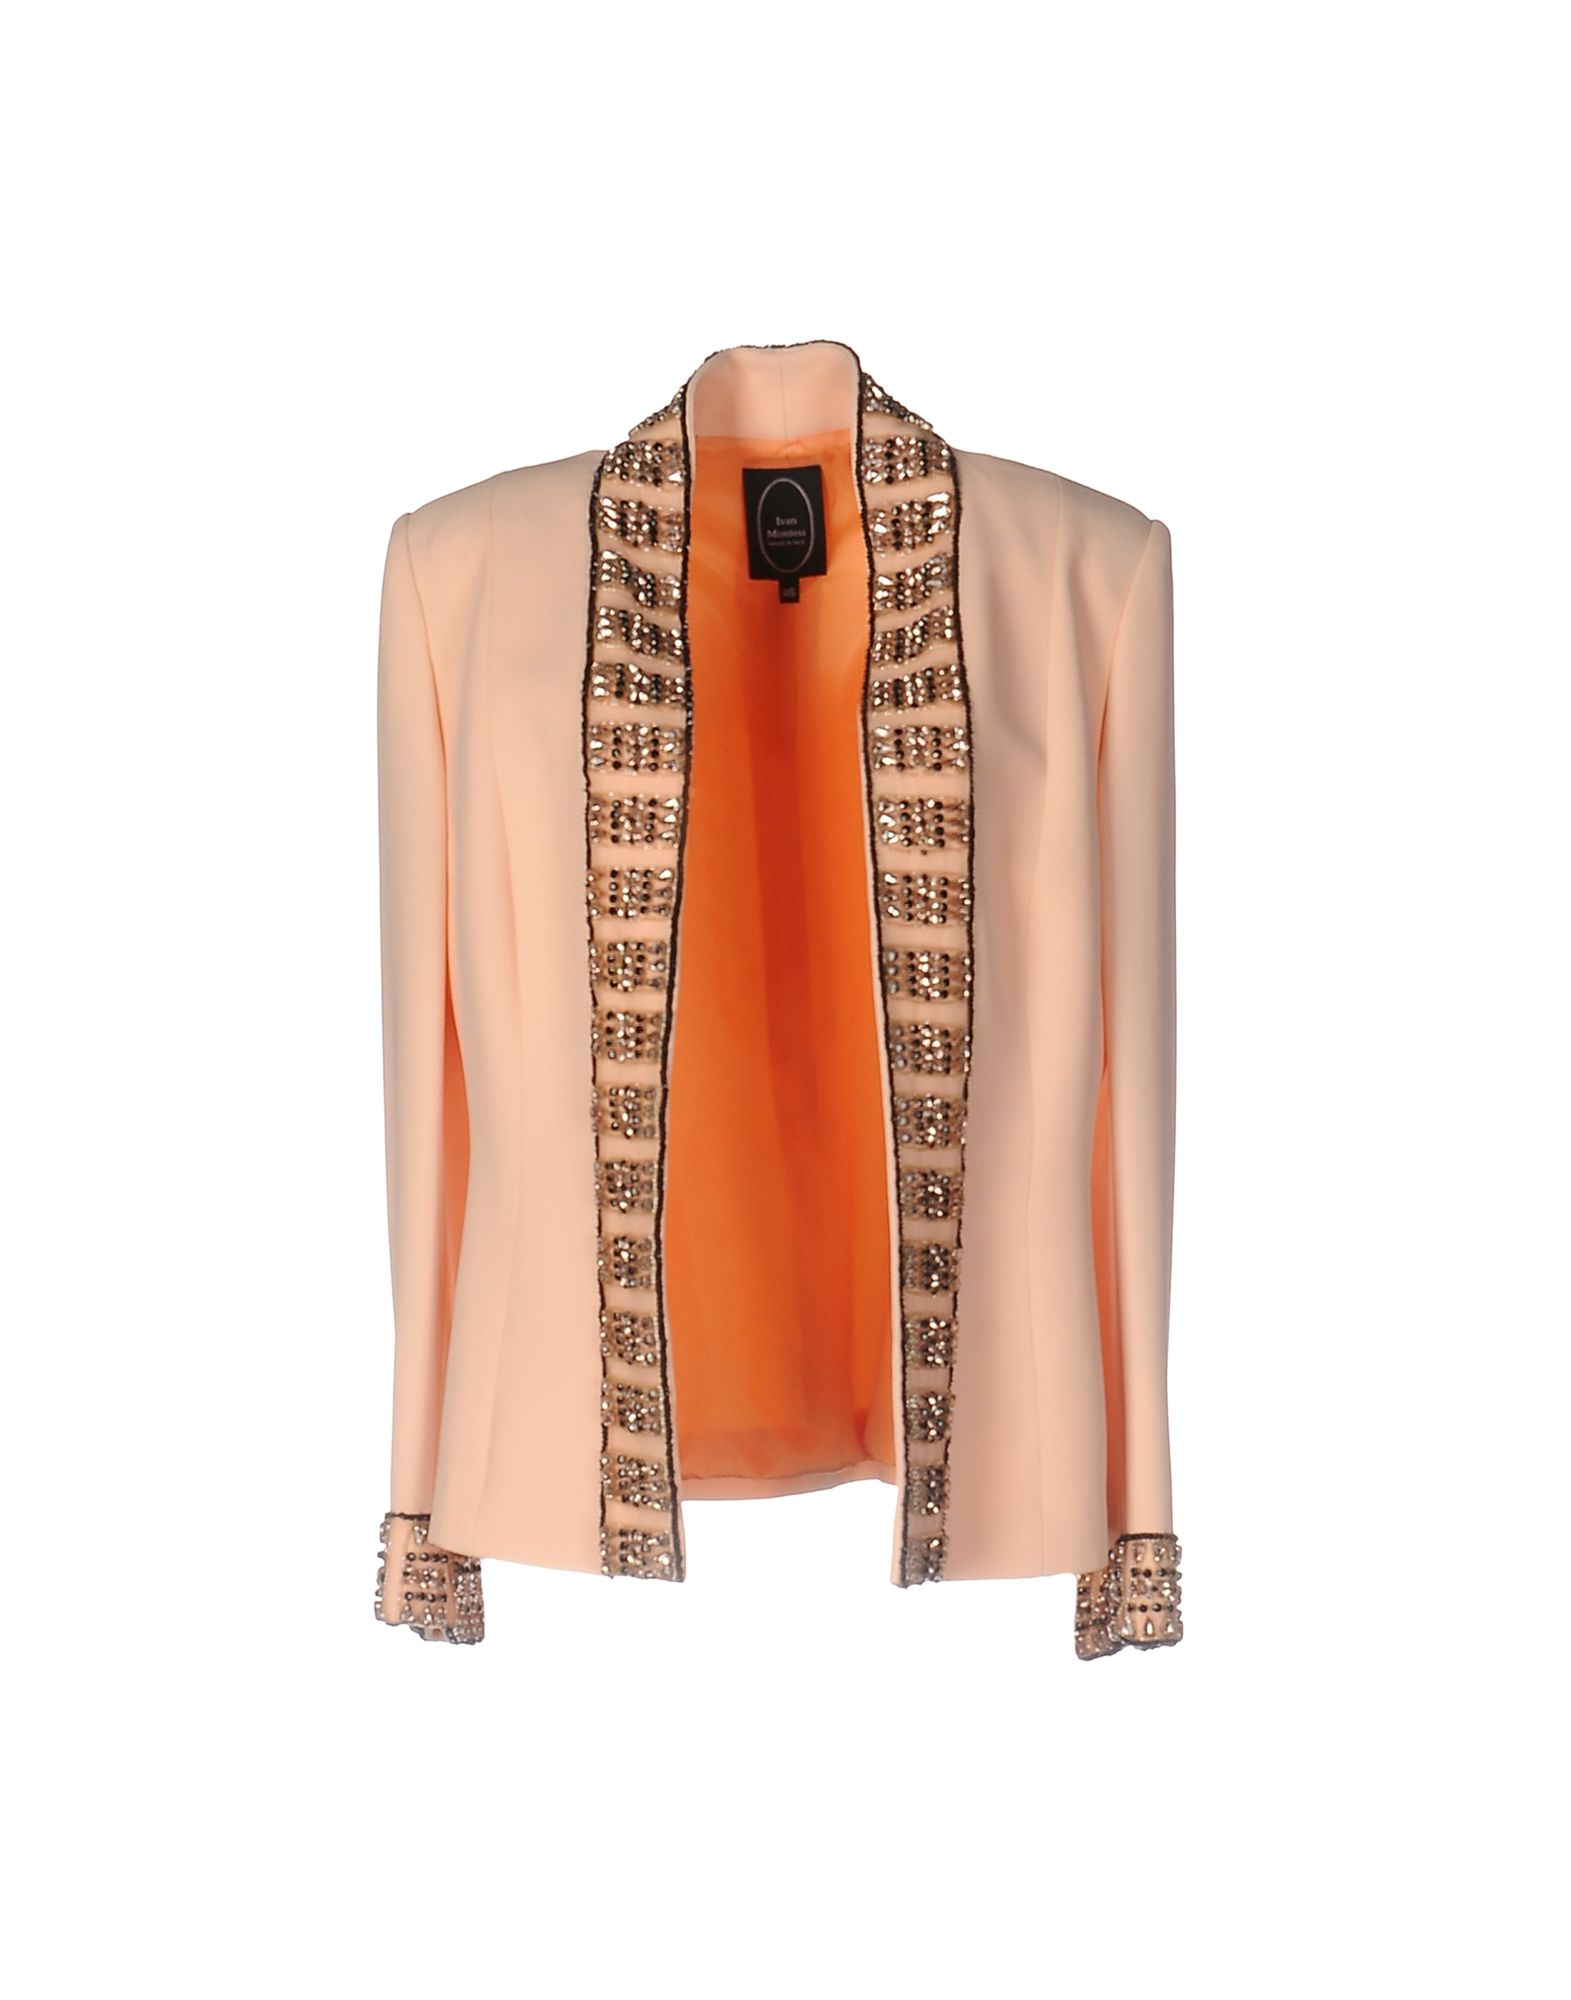 IVAN MONTESI Damen Jackett Farbe Pfirsich Größe 6 jetztbilligerkaufen